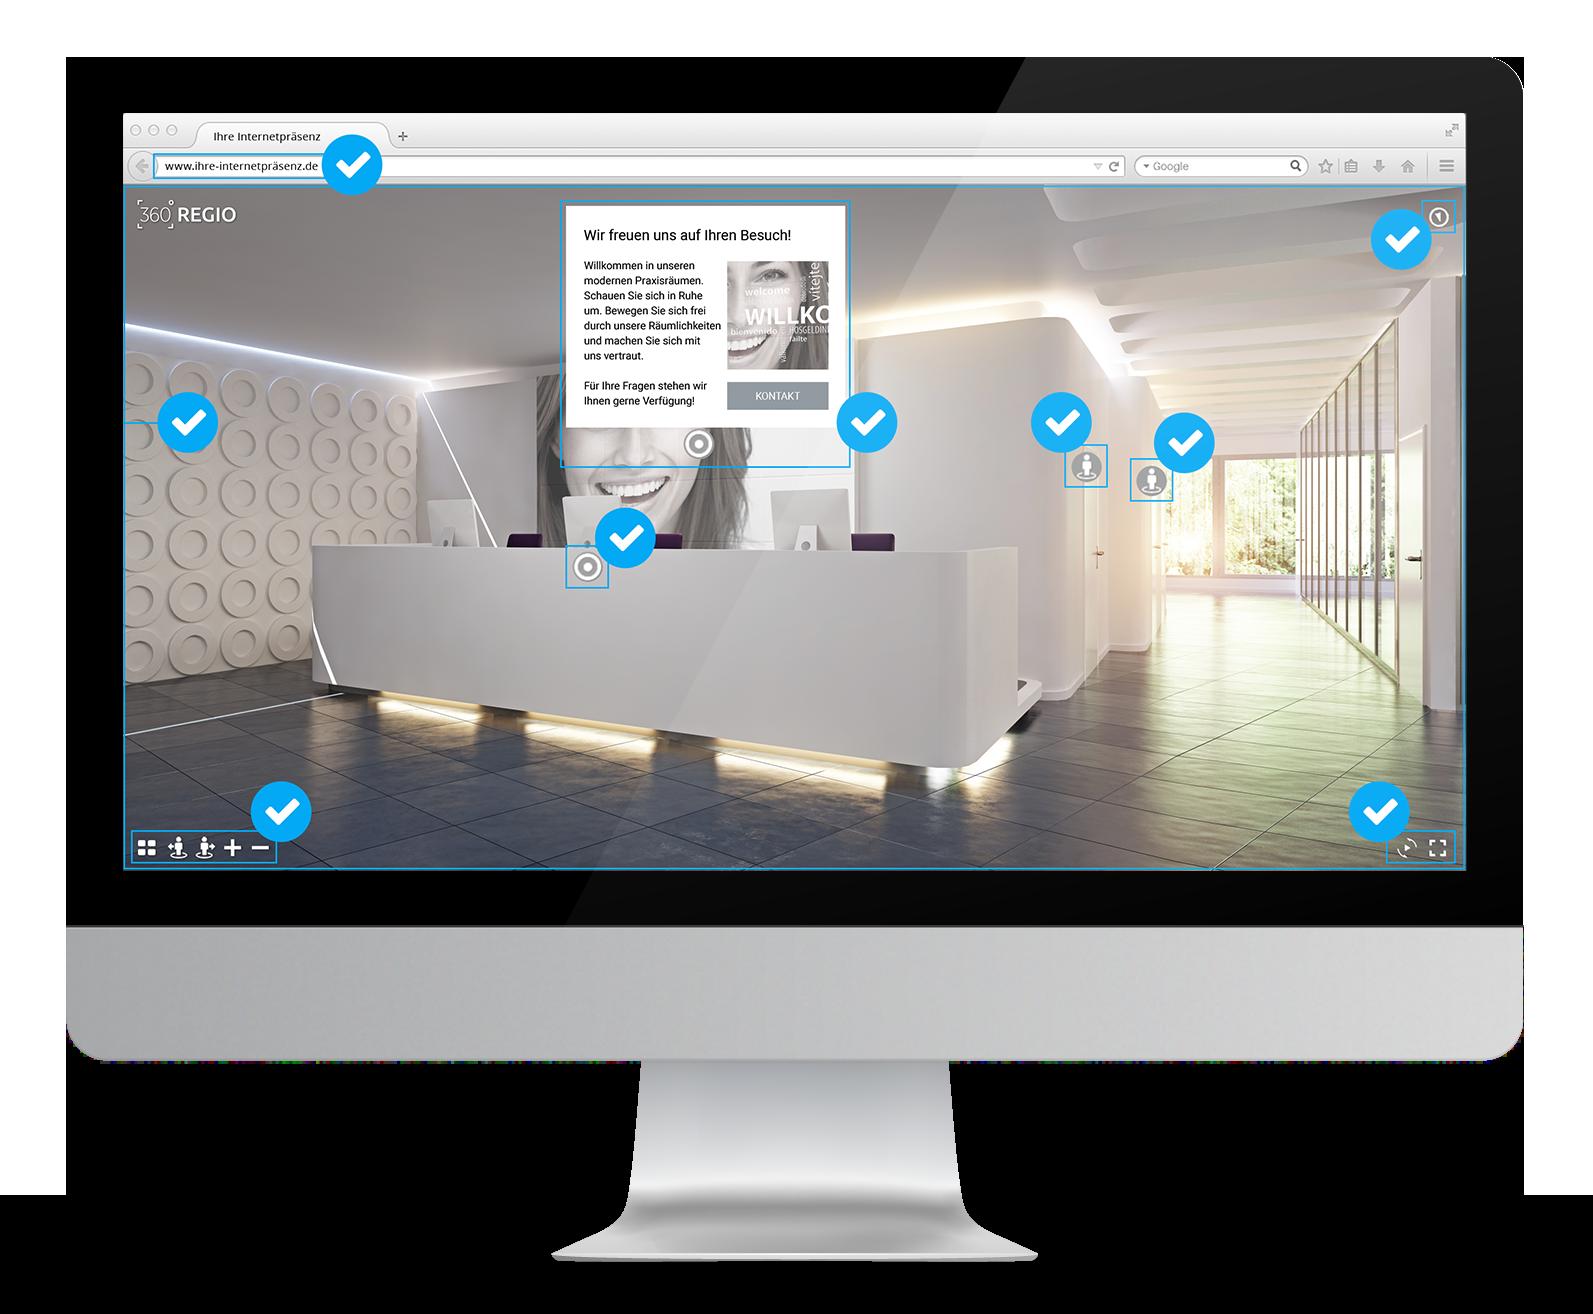 360º REGIO kümmert sich von 1 bis Z bei der Erstellung Ihres Onlinerundgangs.